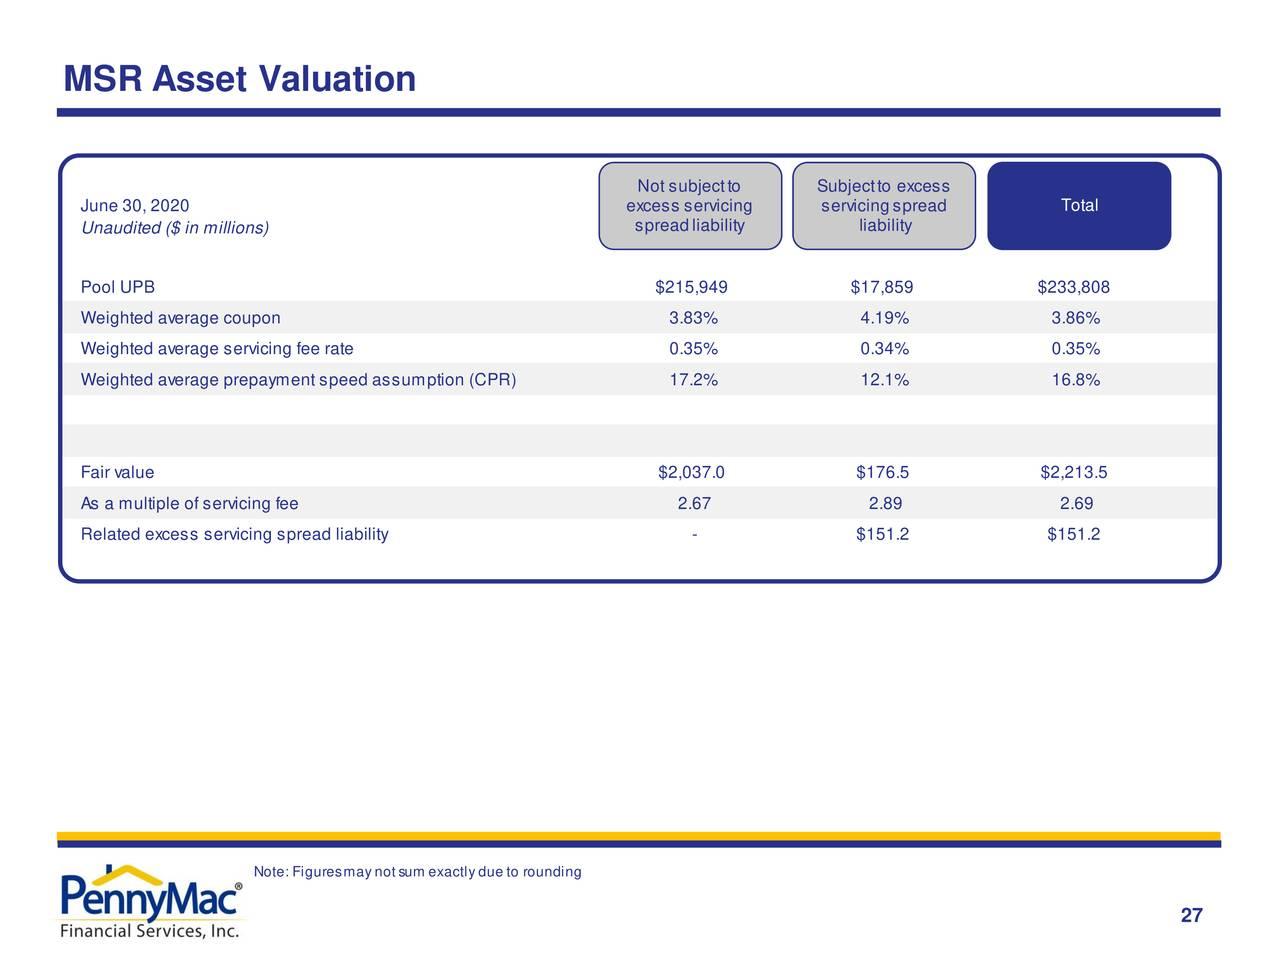 Valoración de activos de MSR